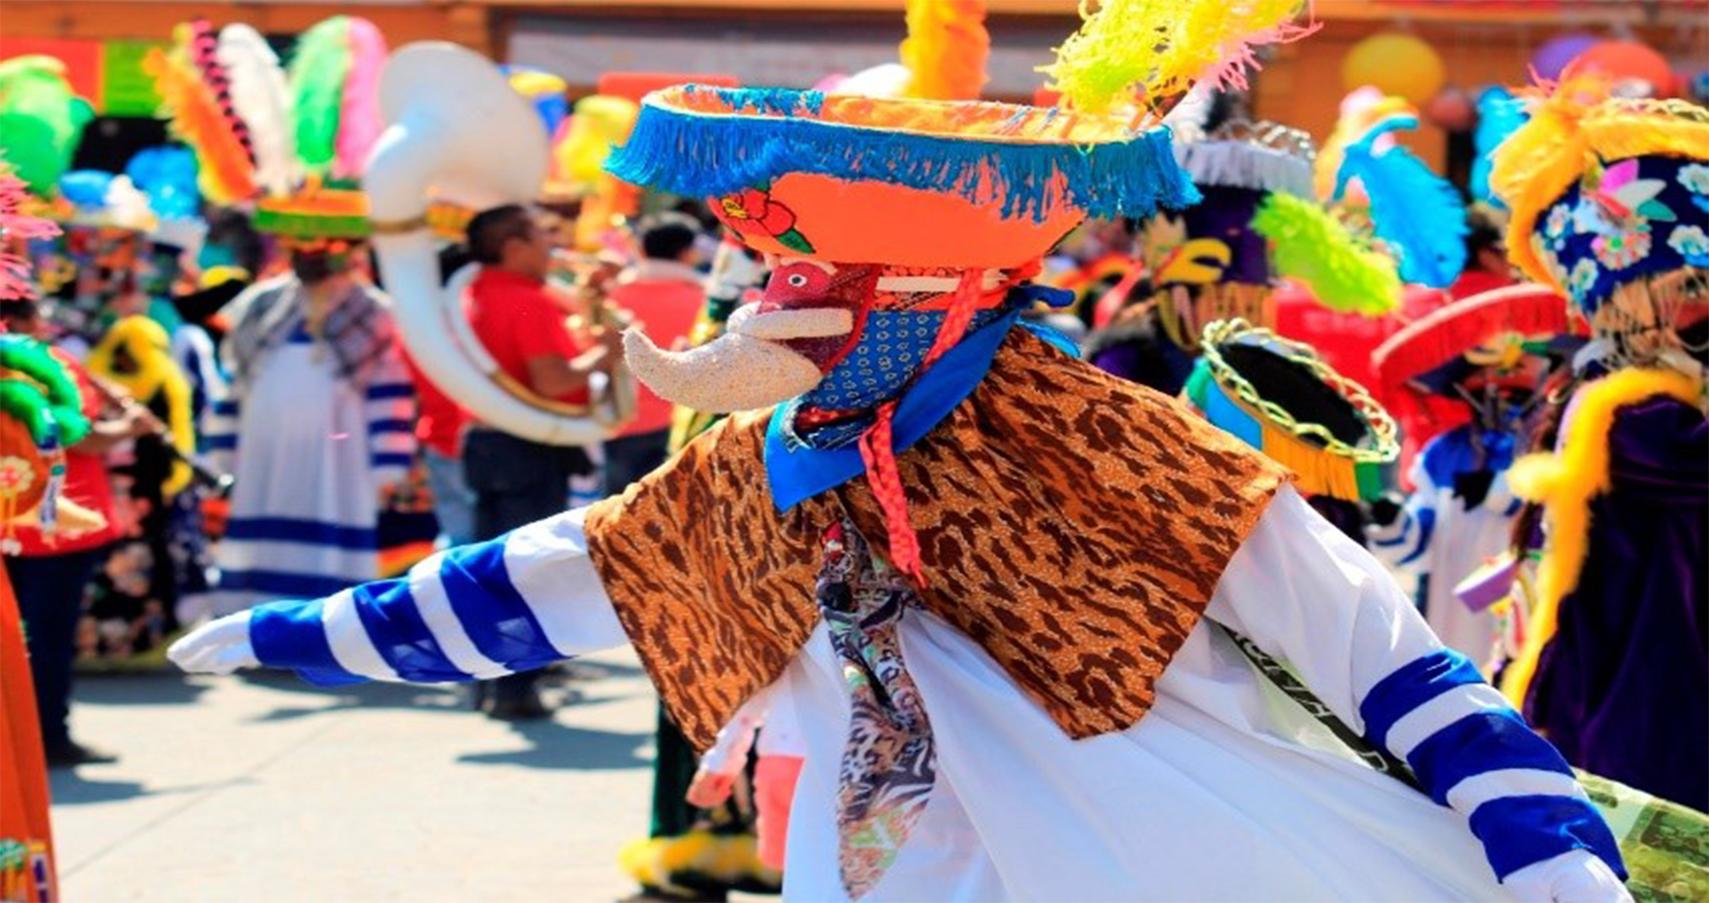 Llegó el carnaval a Tlayacapan | Secretaría de Comunicaciones y Transportes  | Gobierno | gob.mx